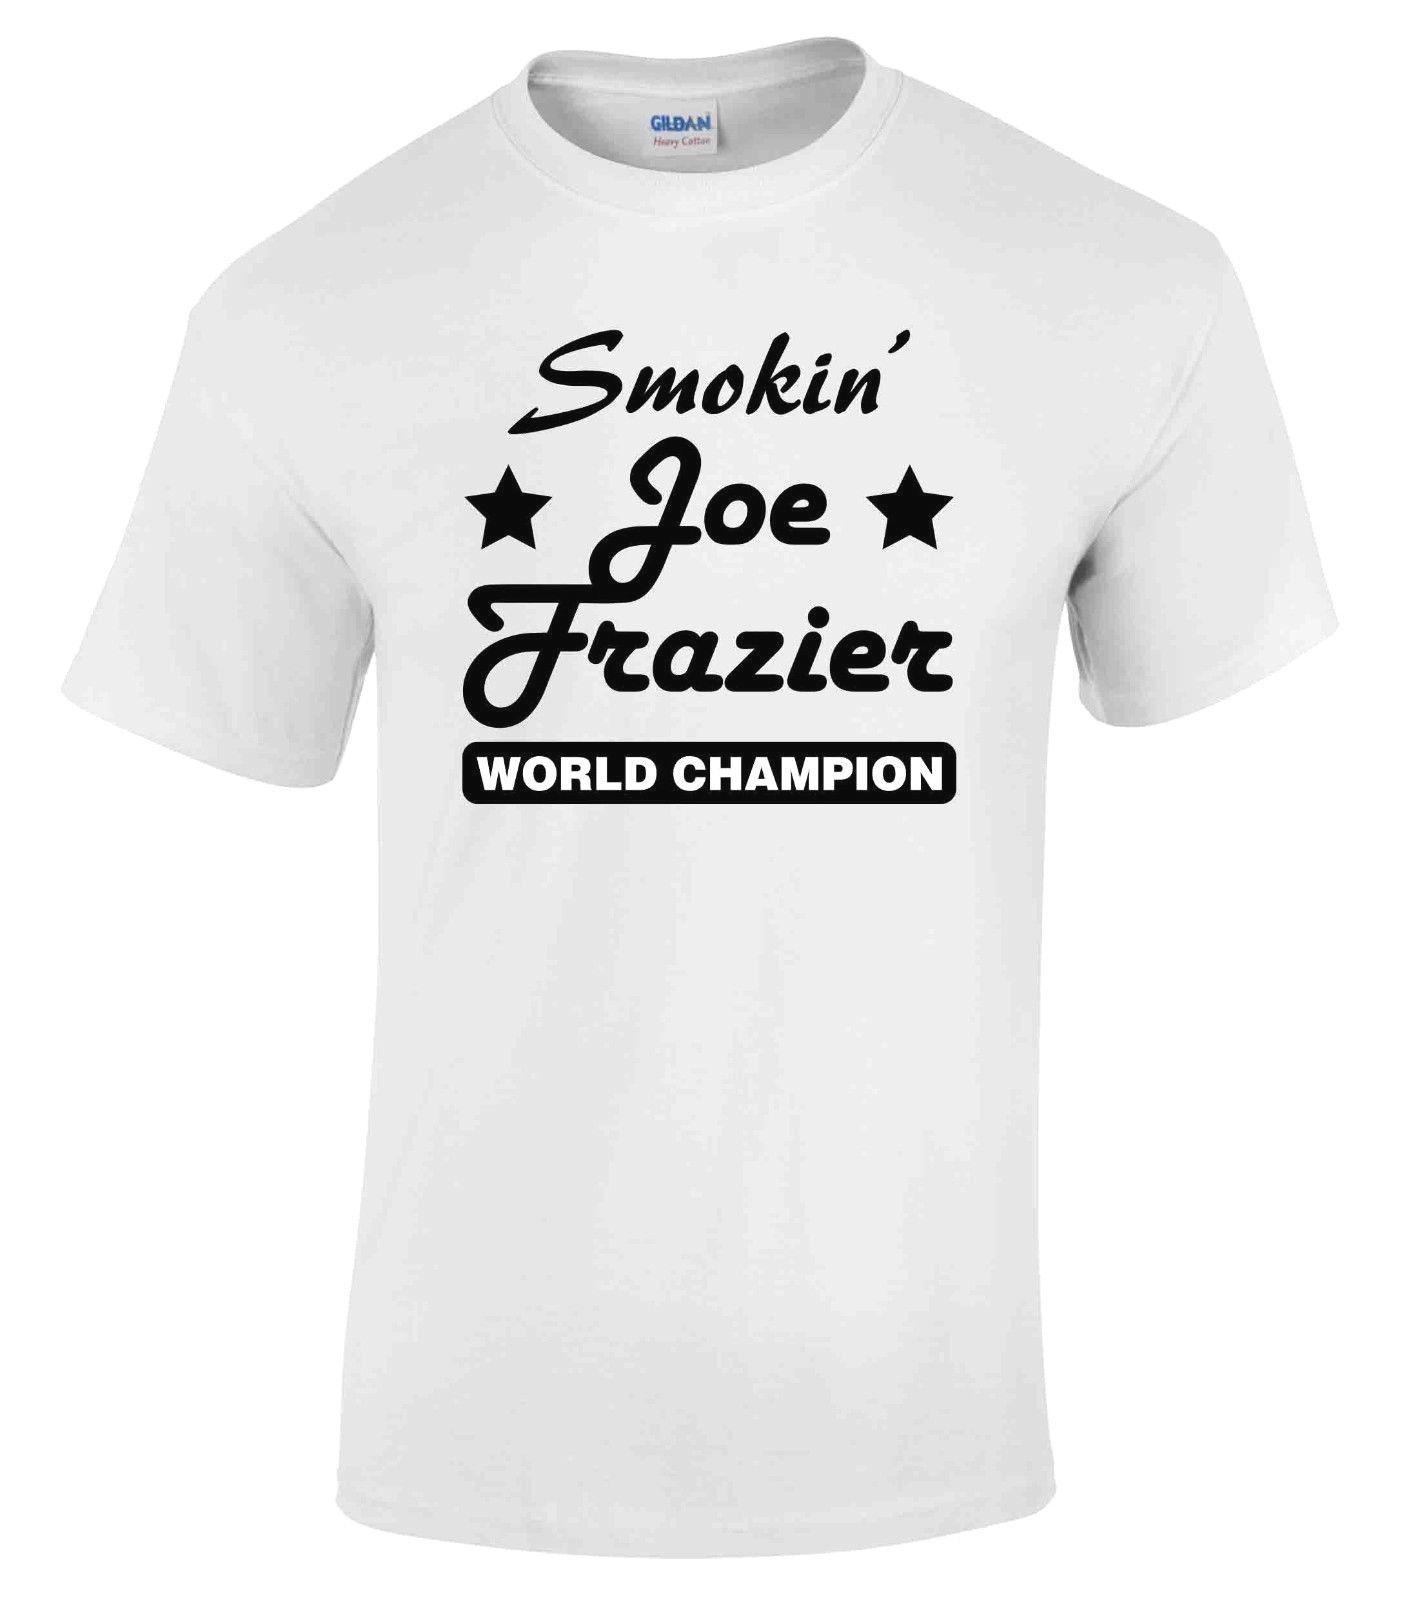 352da22c611d Compre Detalhes Zu Joe Frazier Smokin Camiseta Camisa De Boxe Ginásio  Workout Fitness Body Building Top De Lukehappy14, $12.96 | Pt.Dhgate.Com